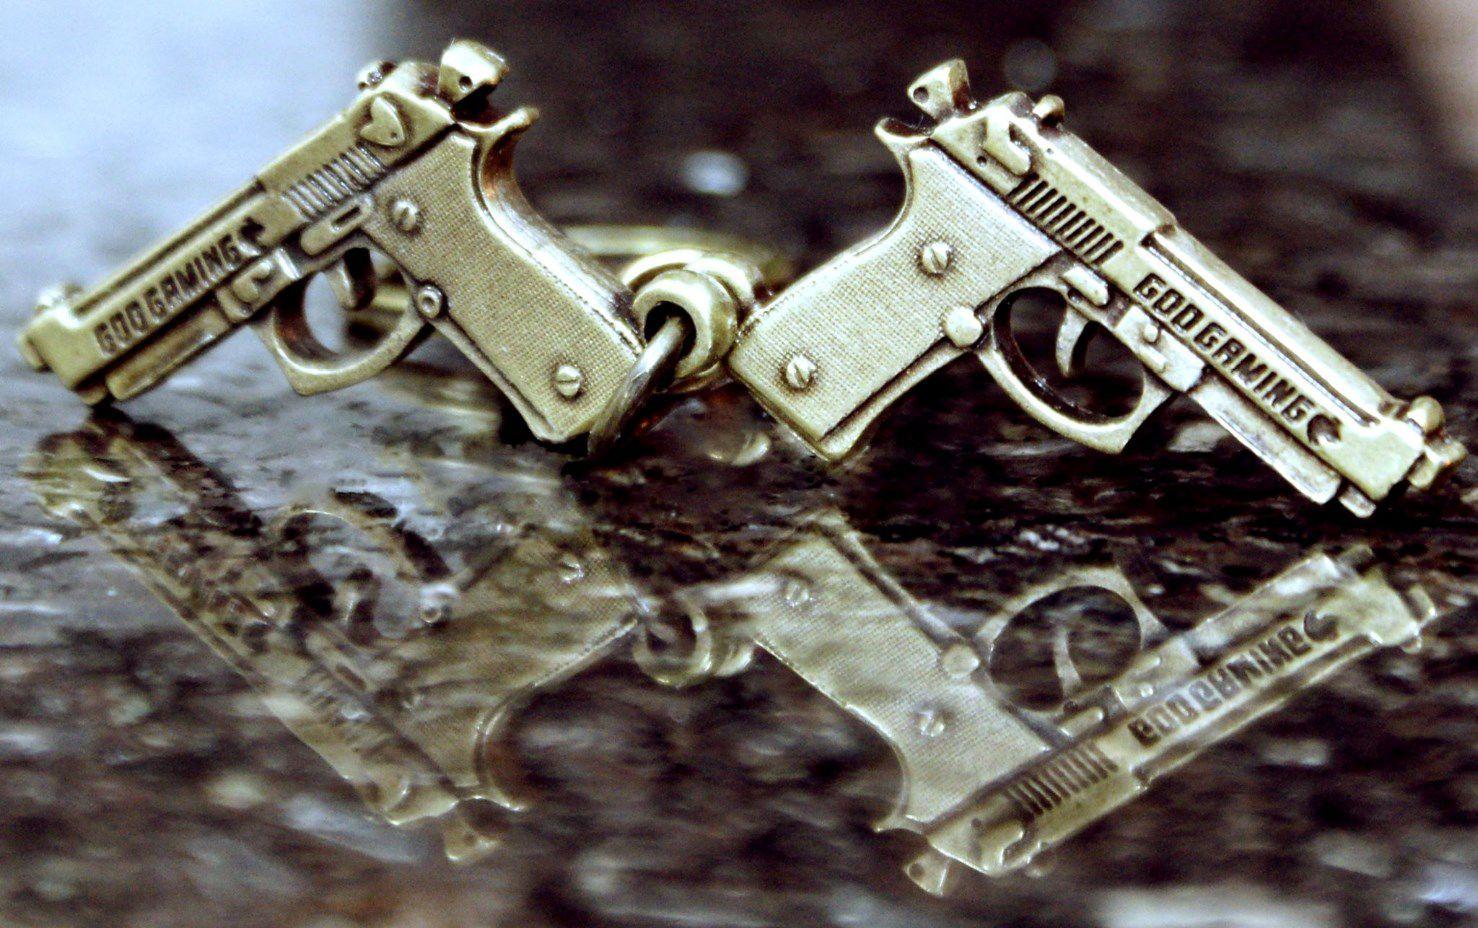 Combo Pistols